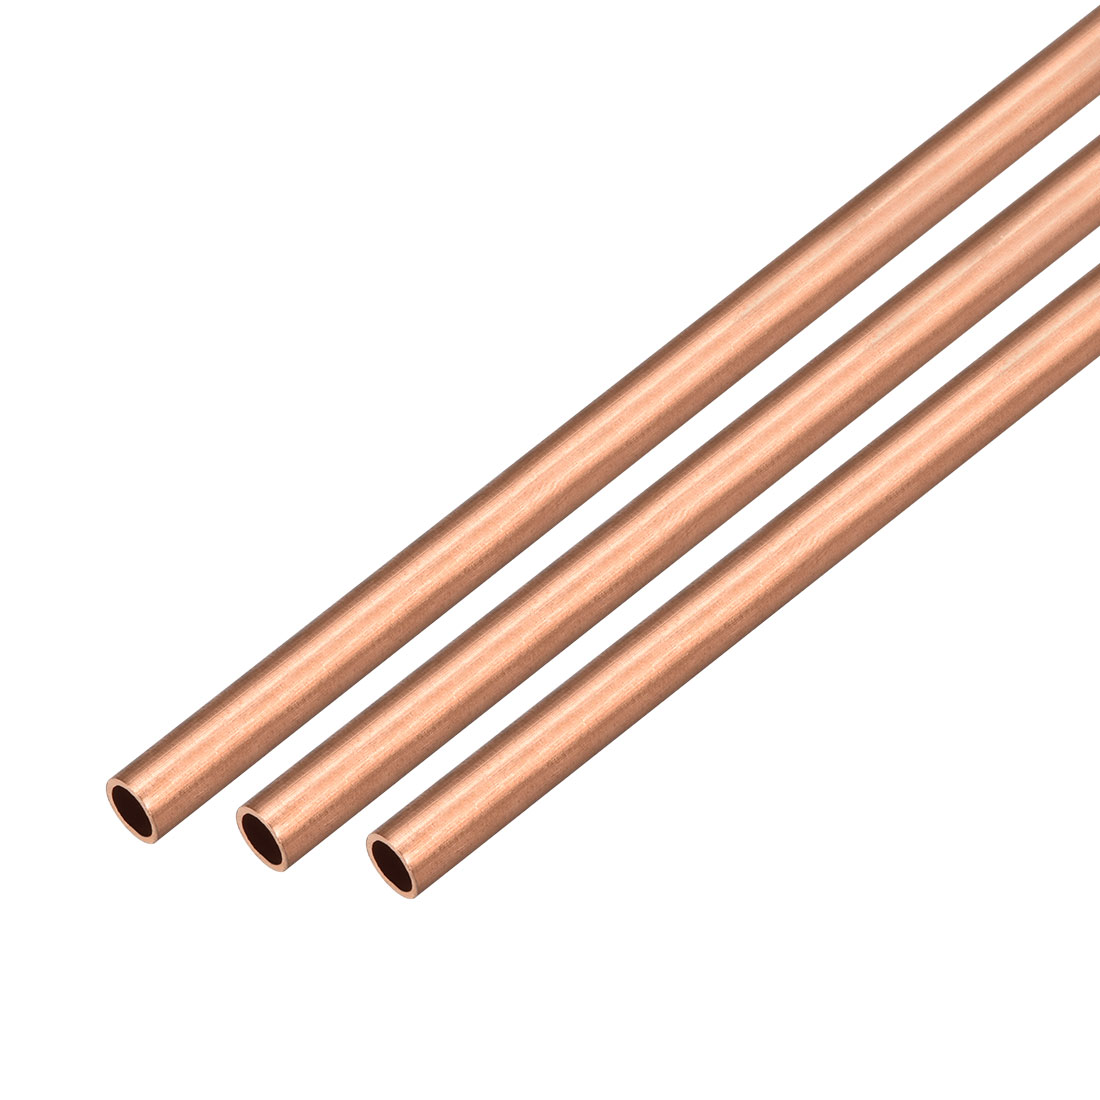 3Pcs 6mm Outside Diameter x 5mm Inside Diameter 500mm Copper Round Tube Pipe